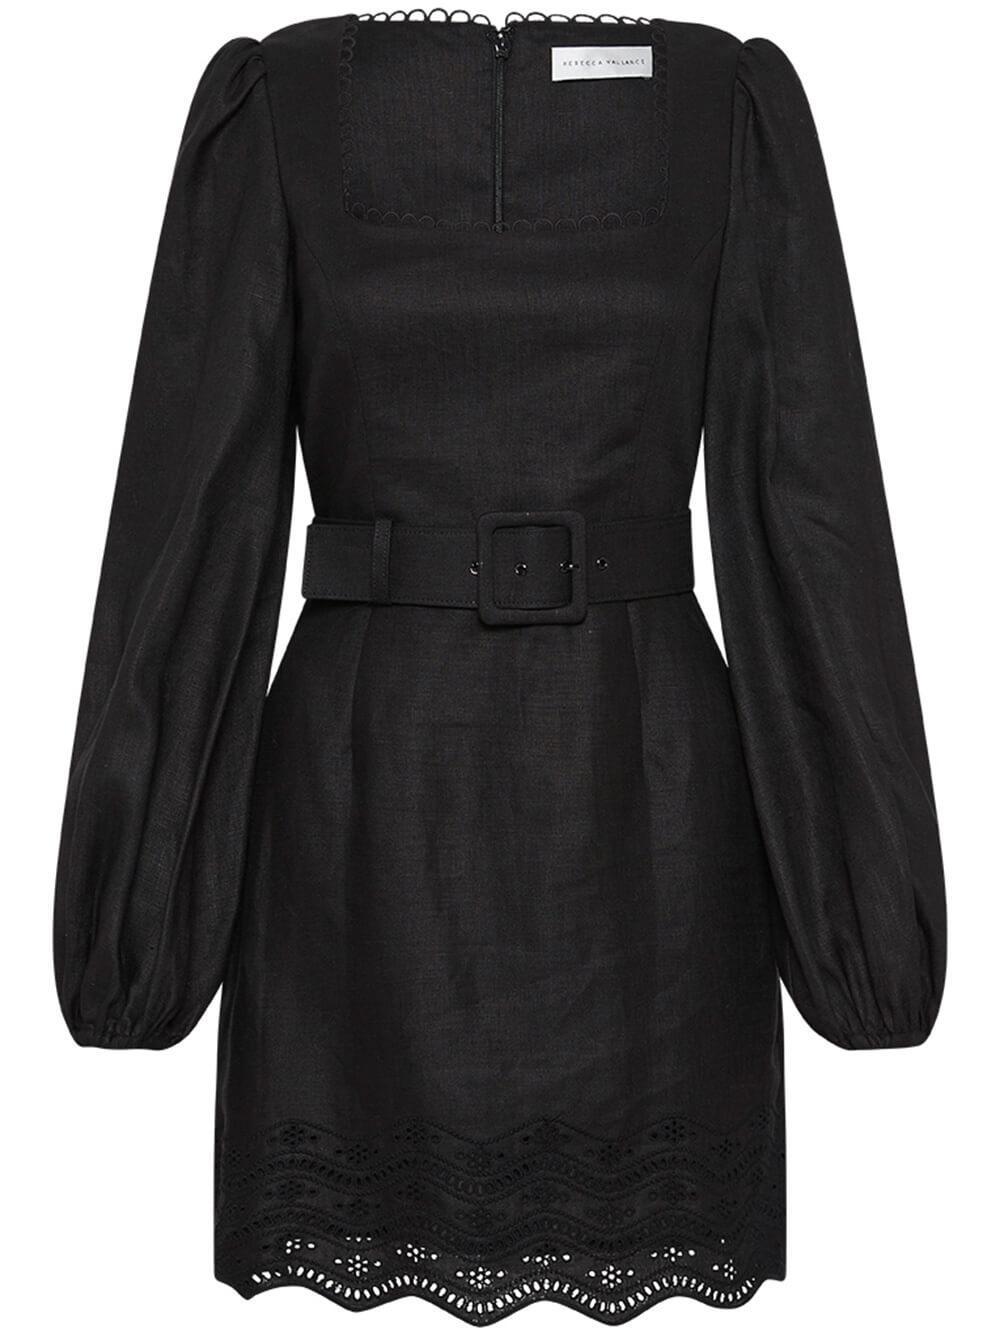 Zahara Mini Dress Item # 2103-1083